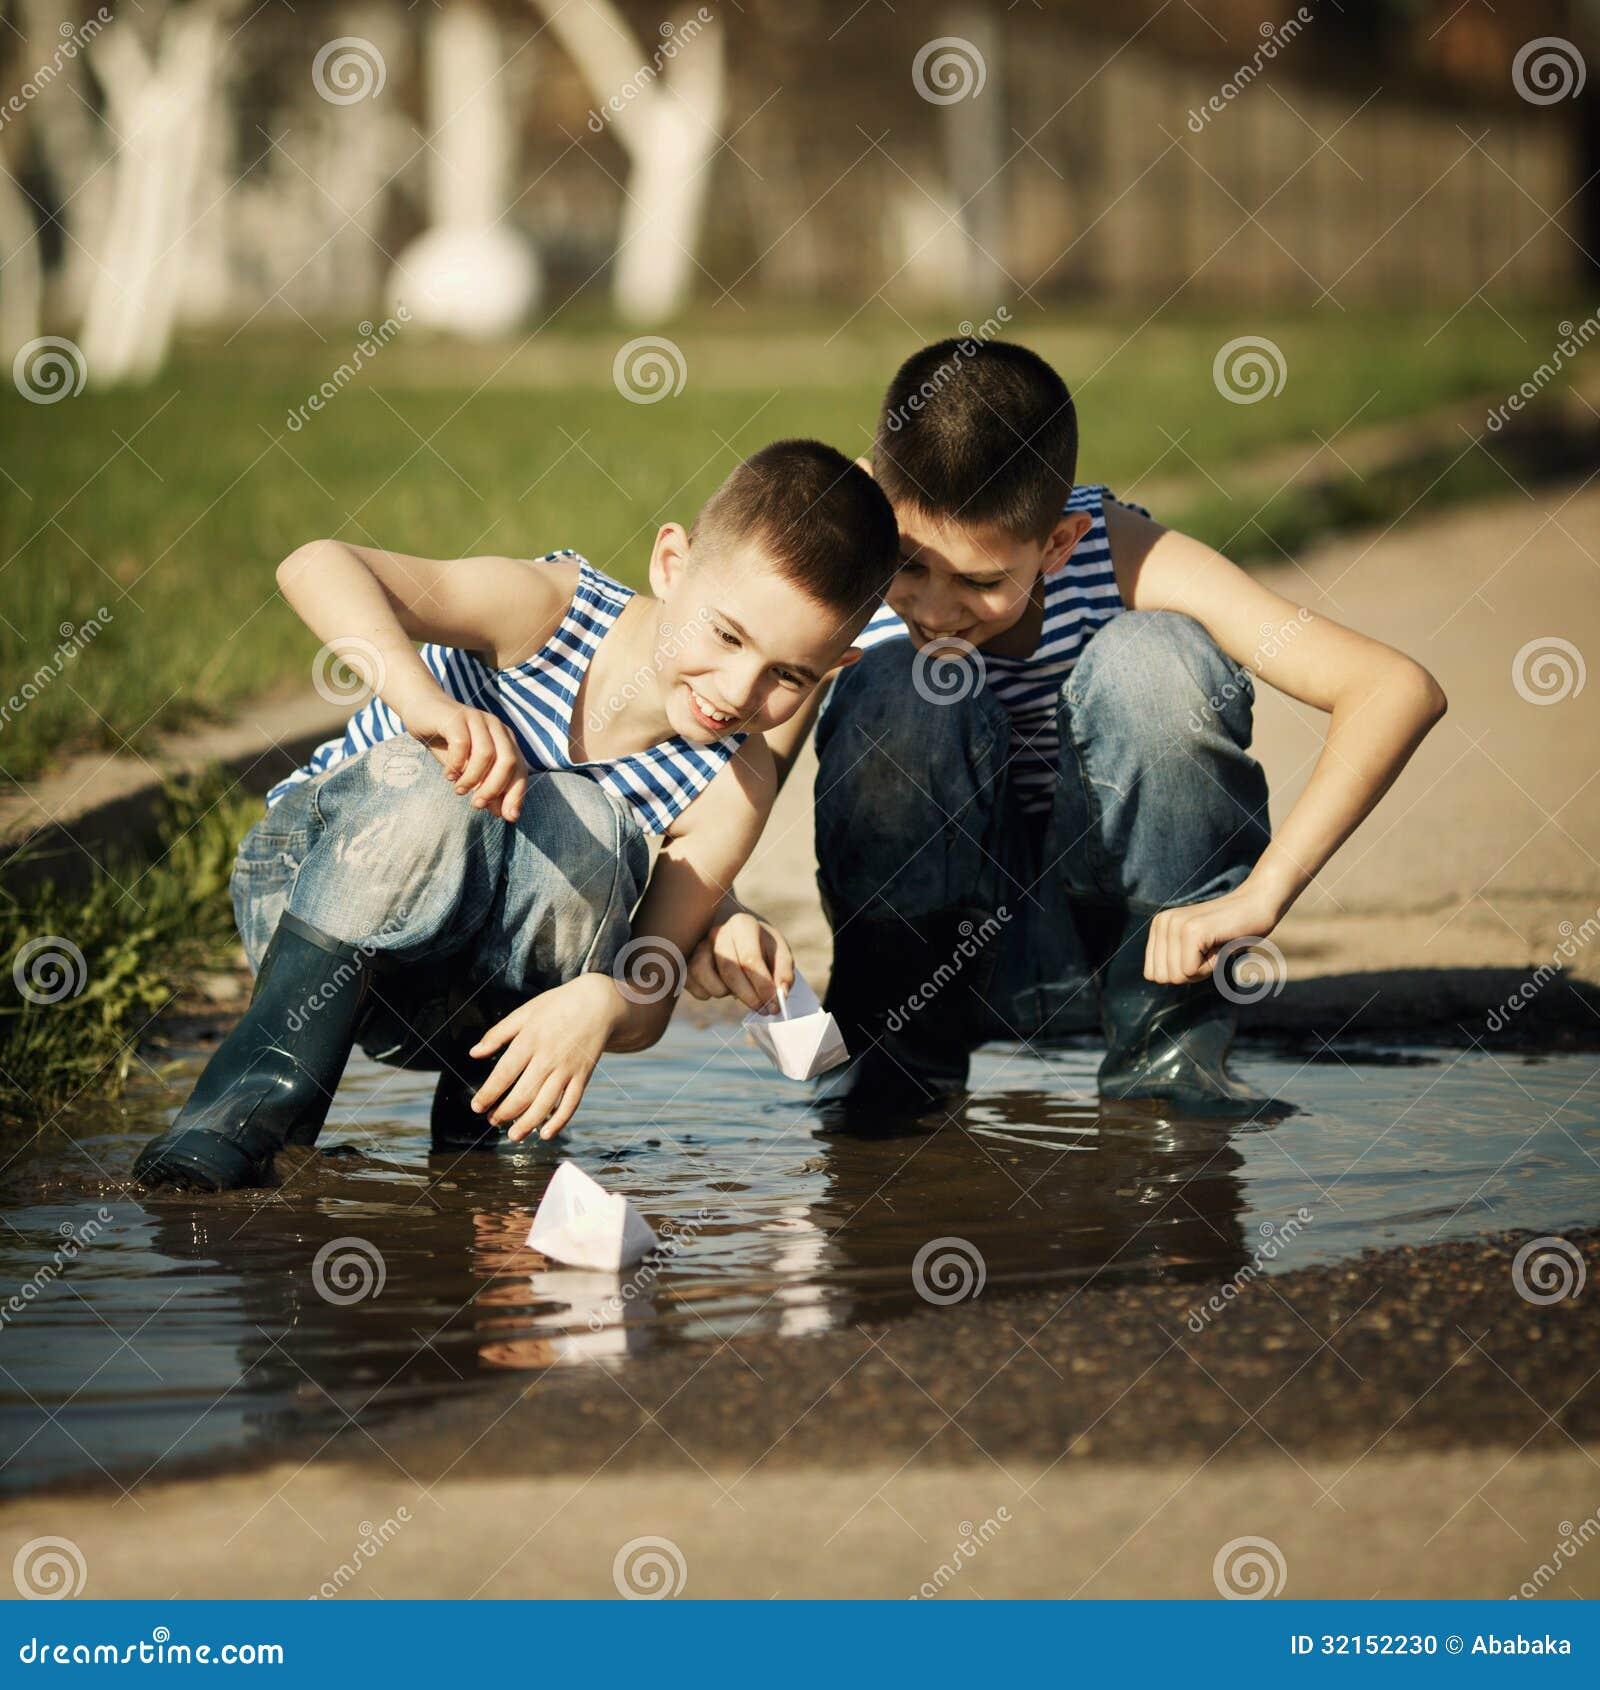 littles boys plays sexgames